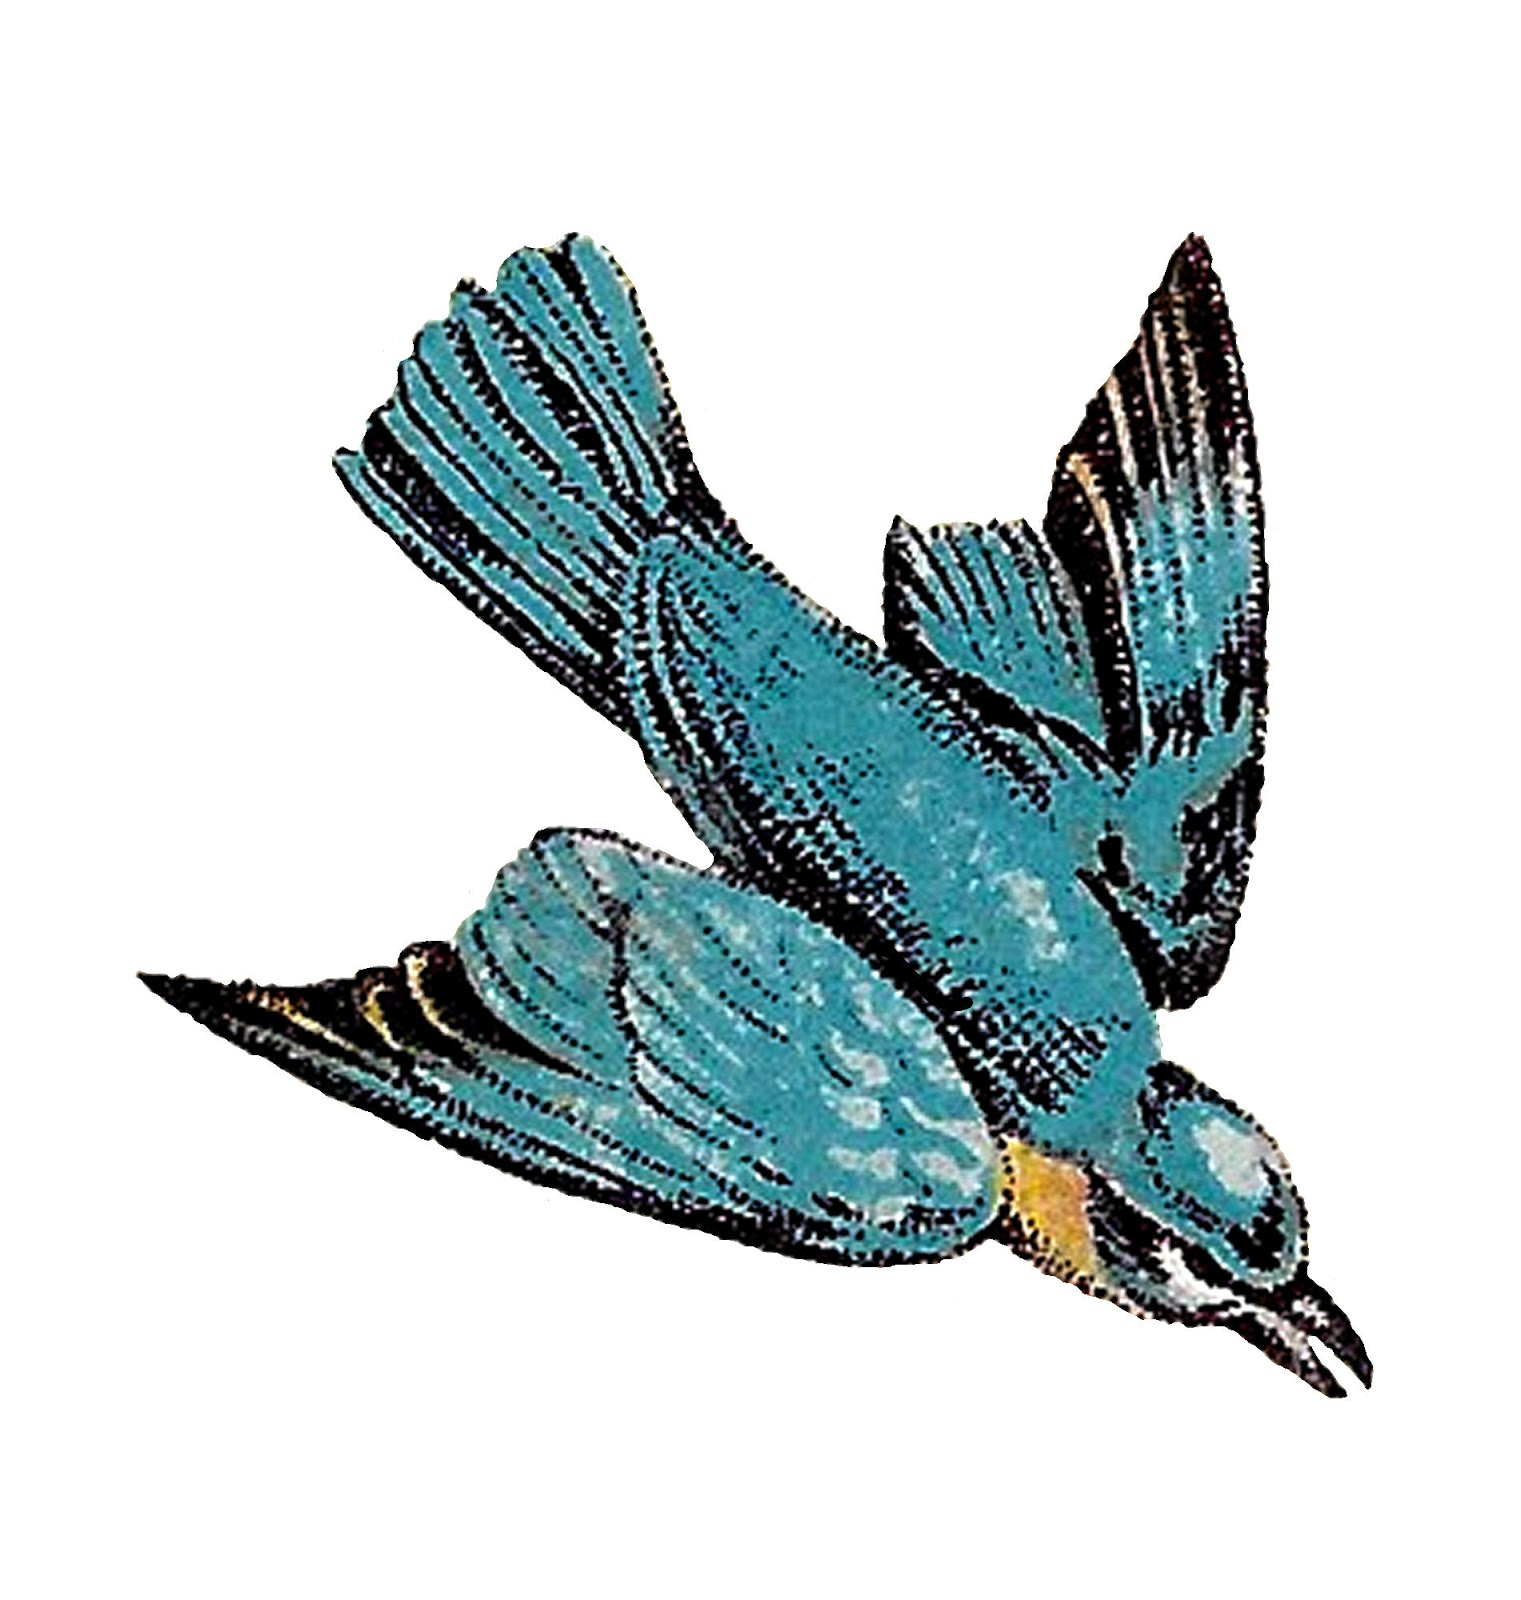 antique images flying birds drawings blue jay artwork animal rh antiqueimages blogspot com